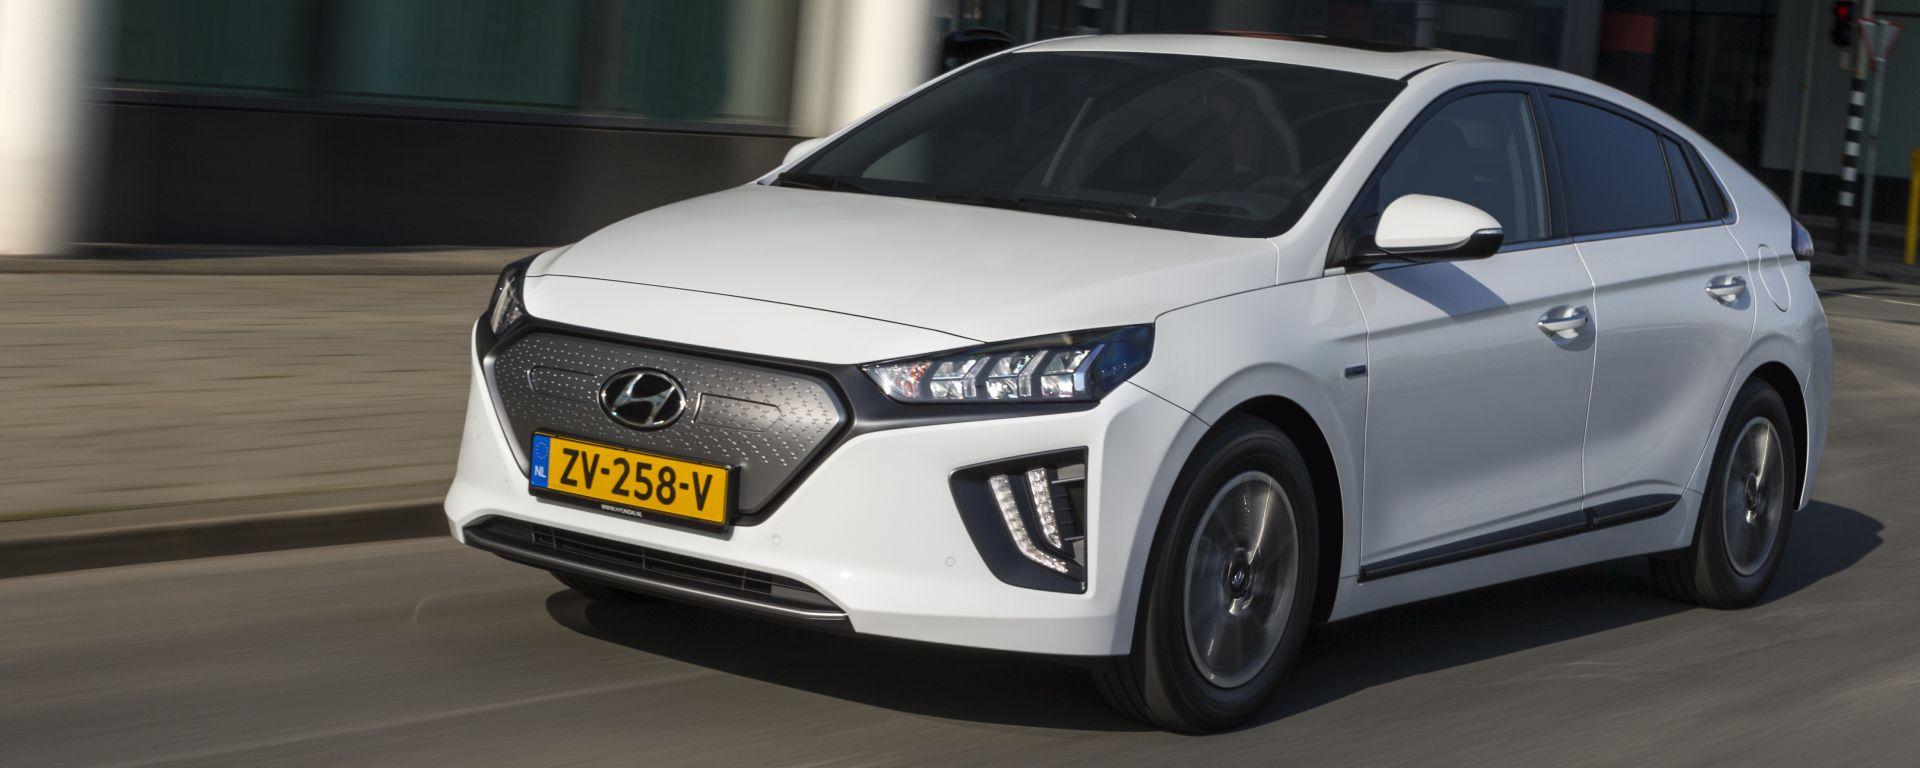 Hyundai Ioniq Electric 2019: la prova del restyling